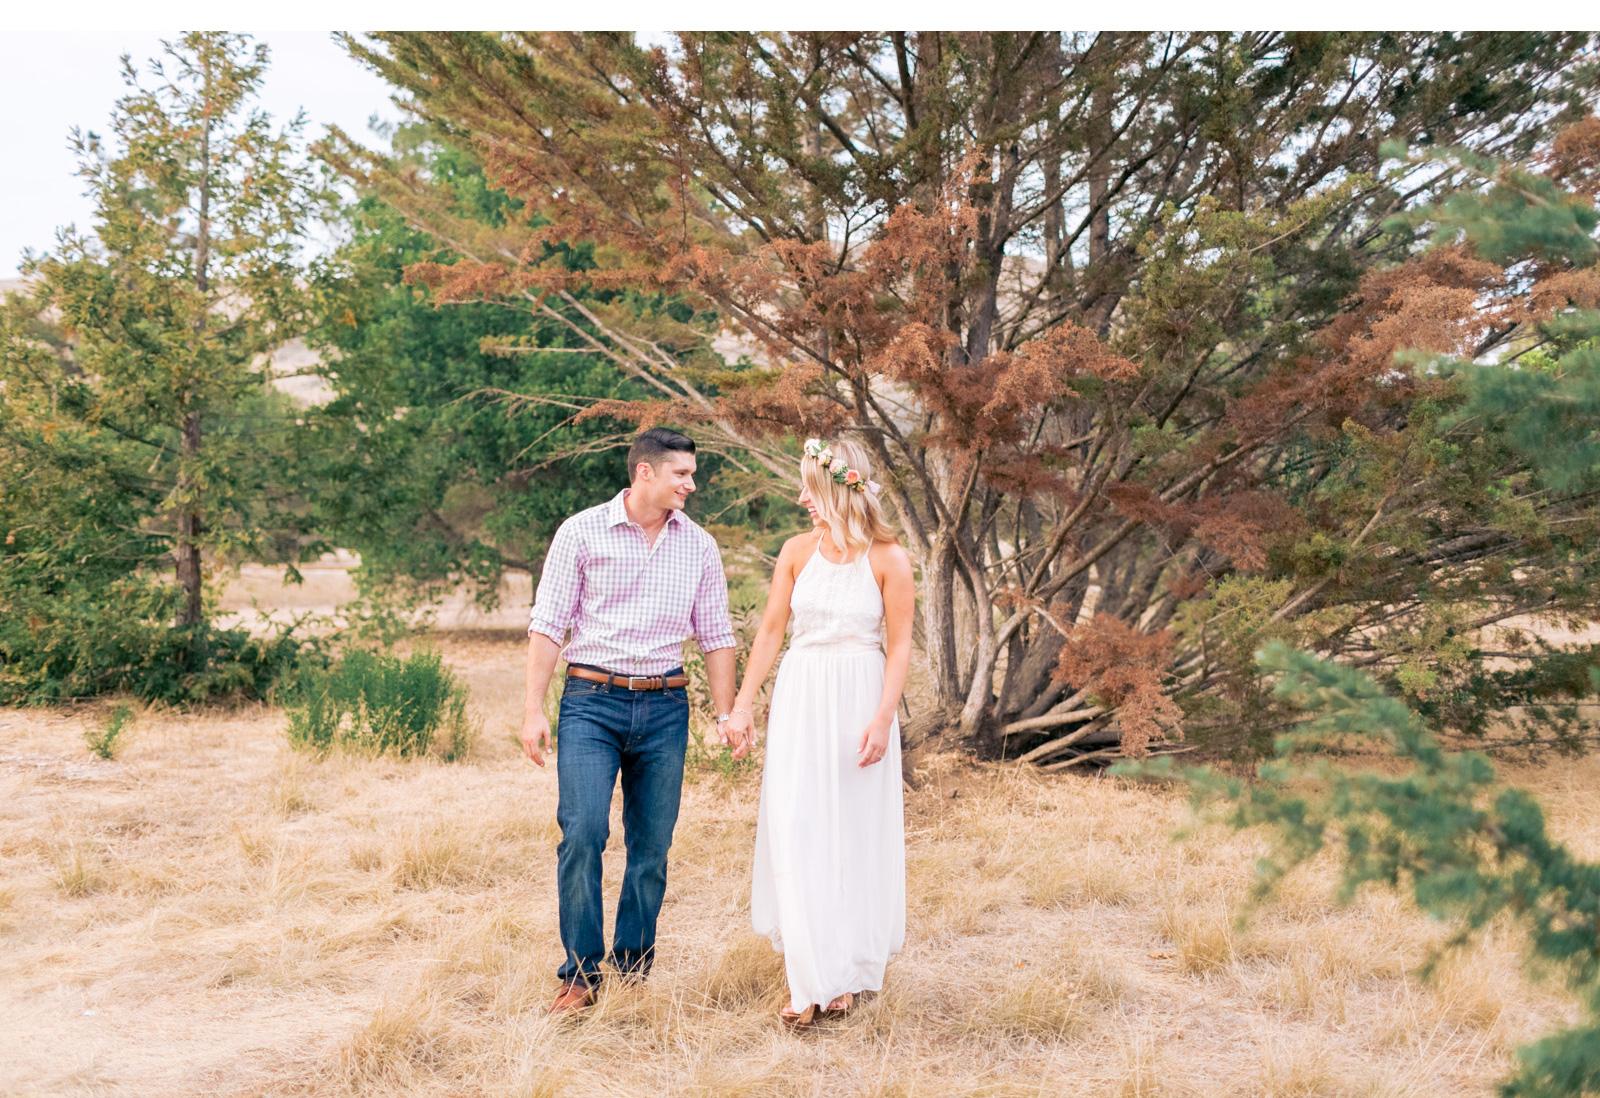 Natalie-Schutt-Photography---Long-Beach-Wedding-Photographer-_06.jpg